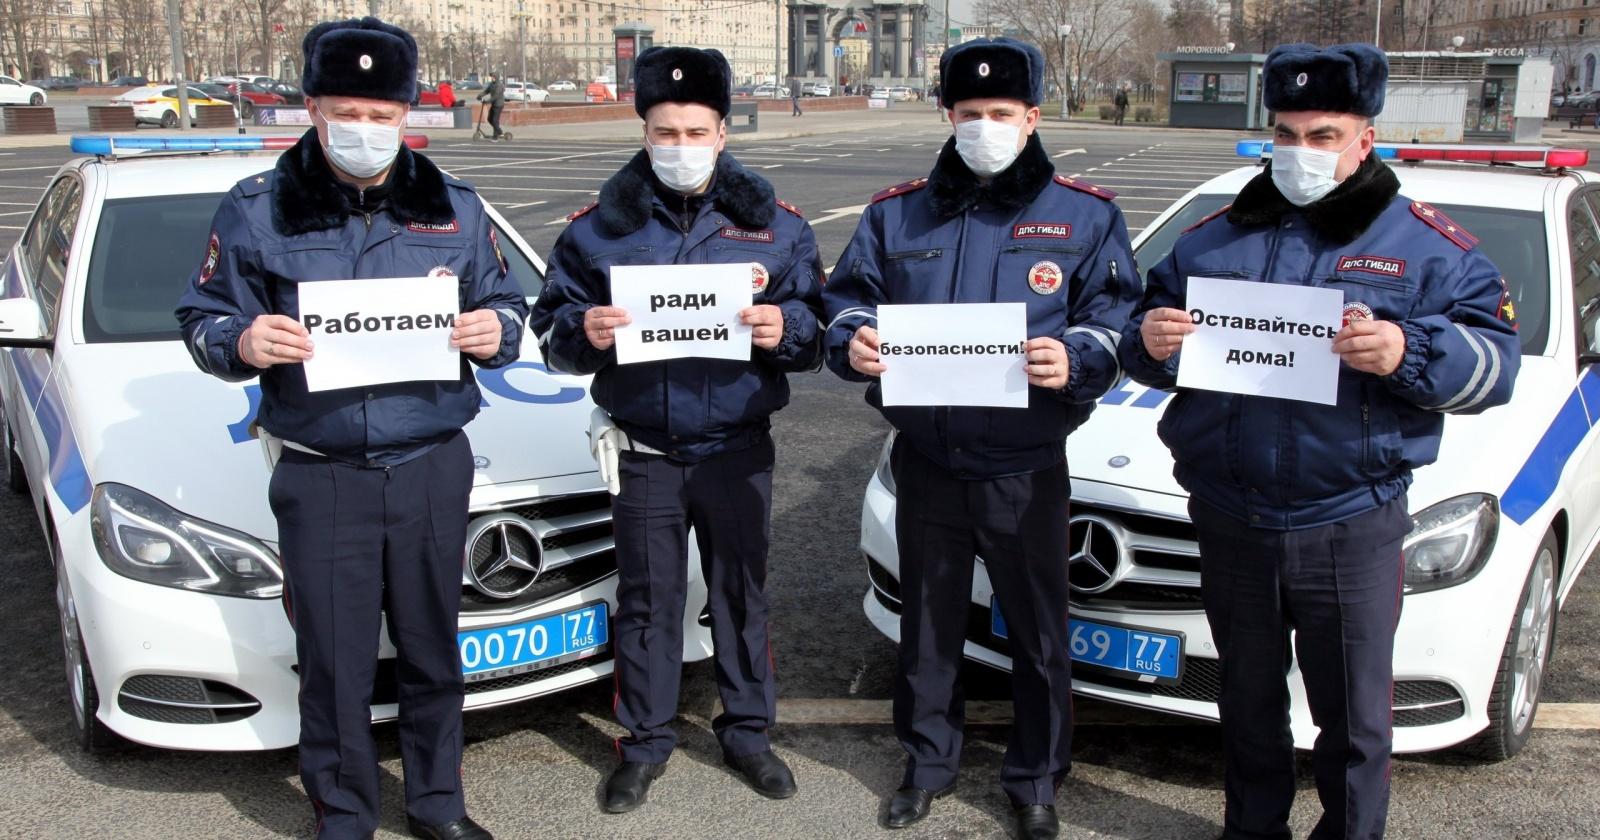 Полиция ненароком объявила в Подмосковье комендантский час